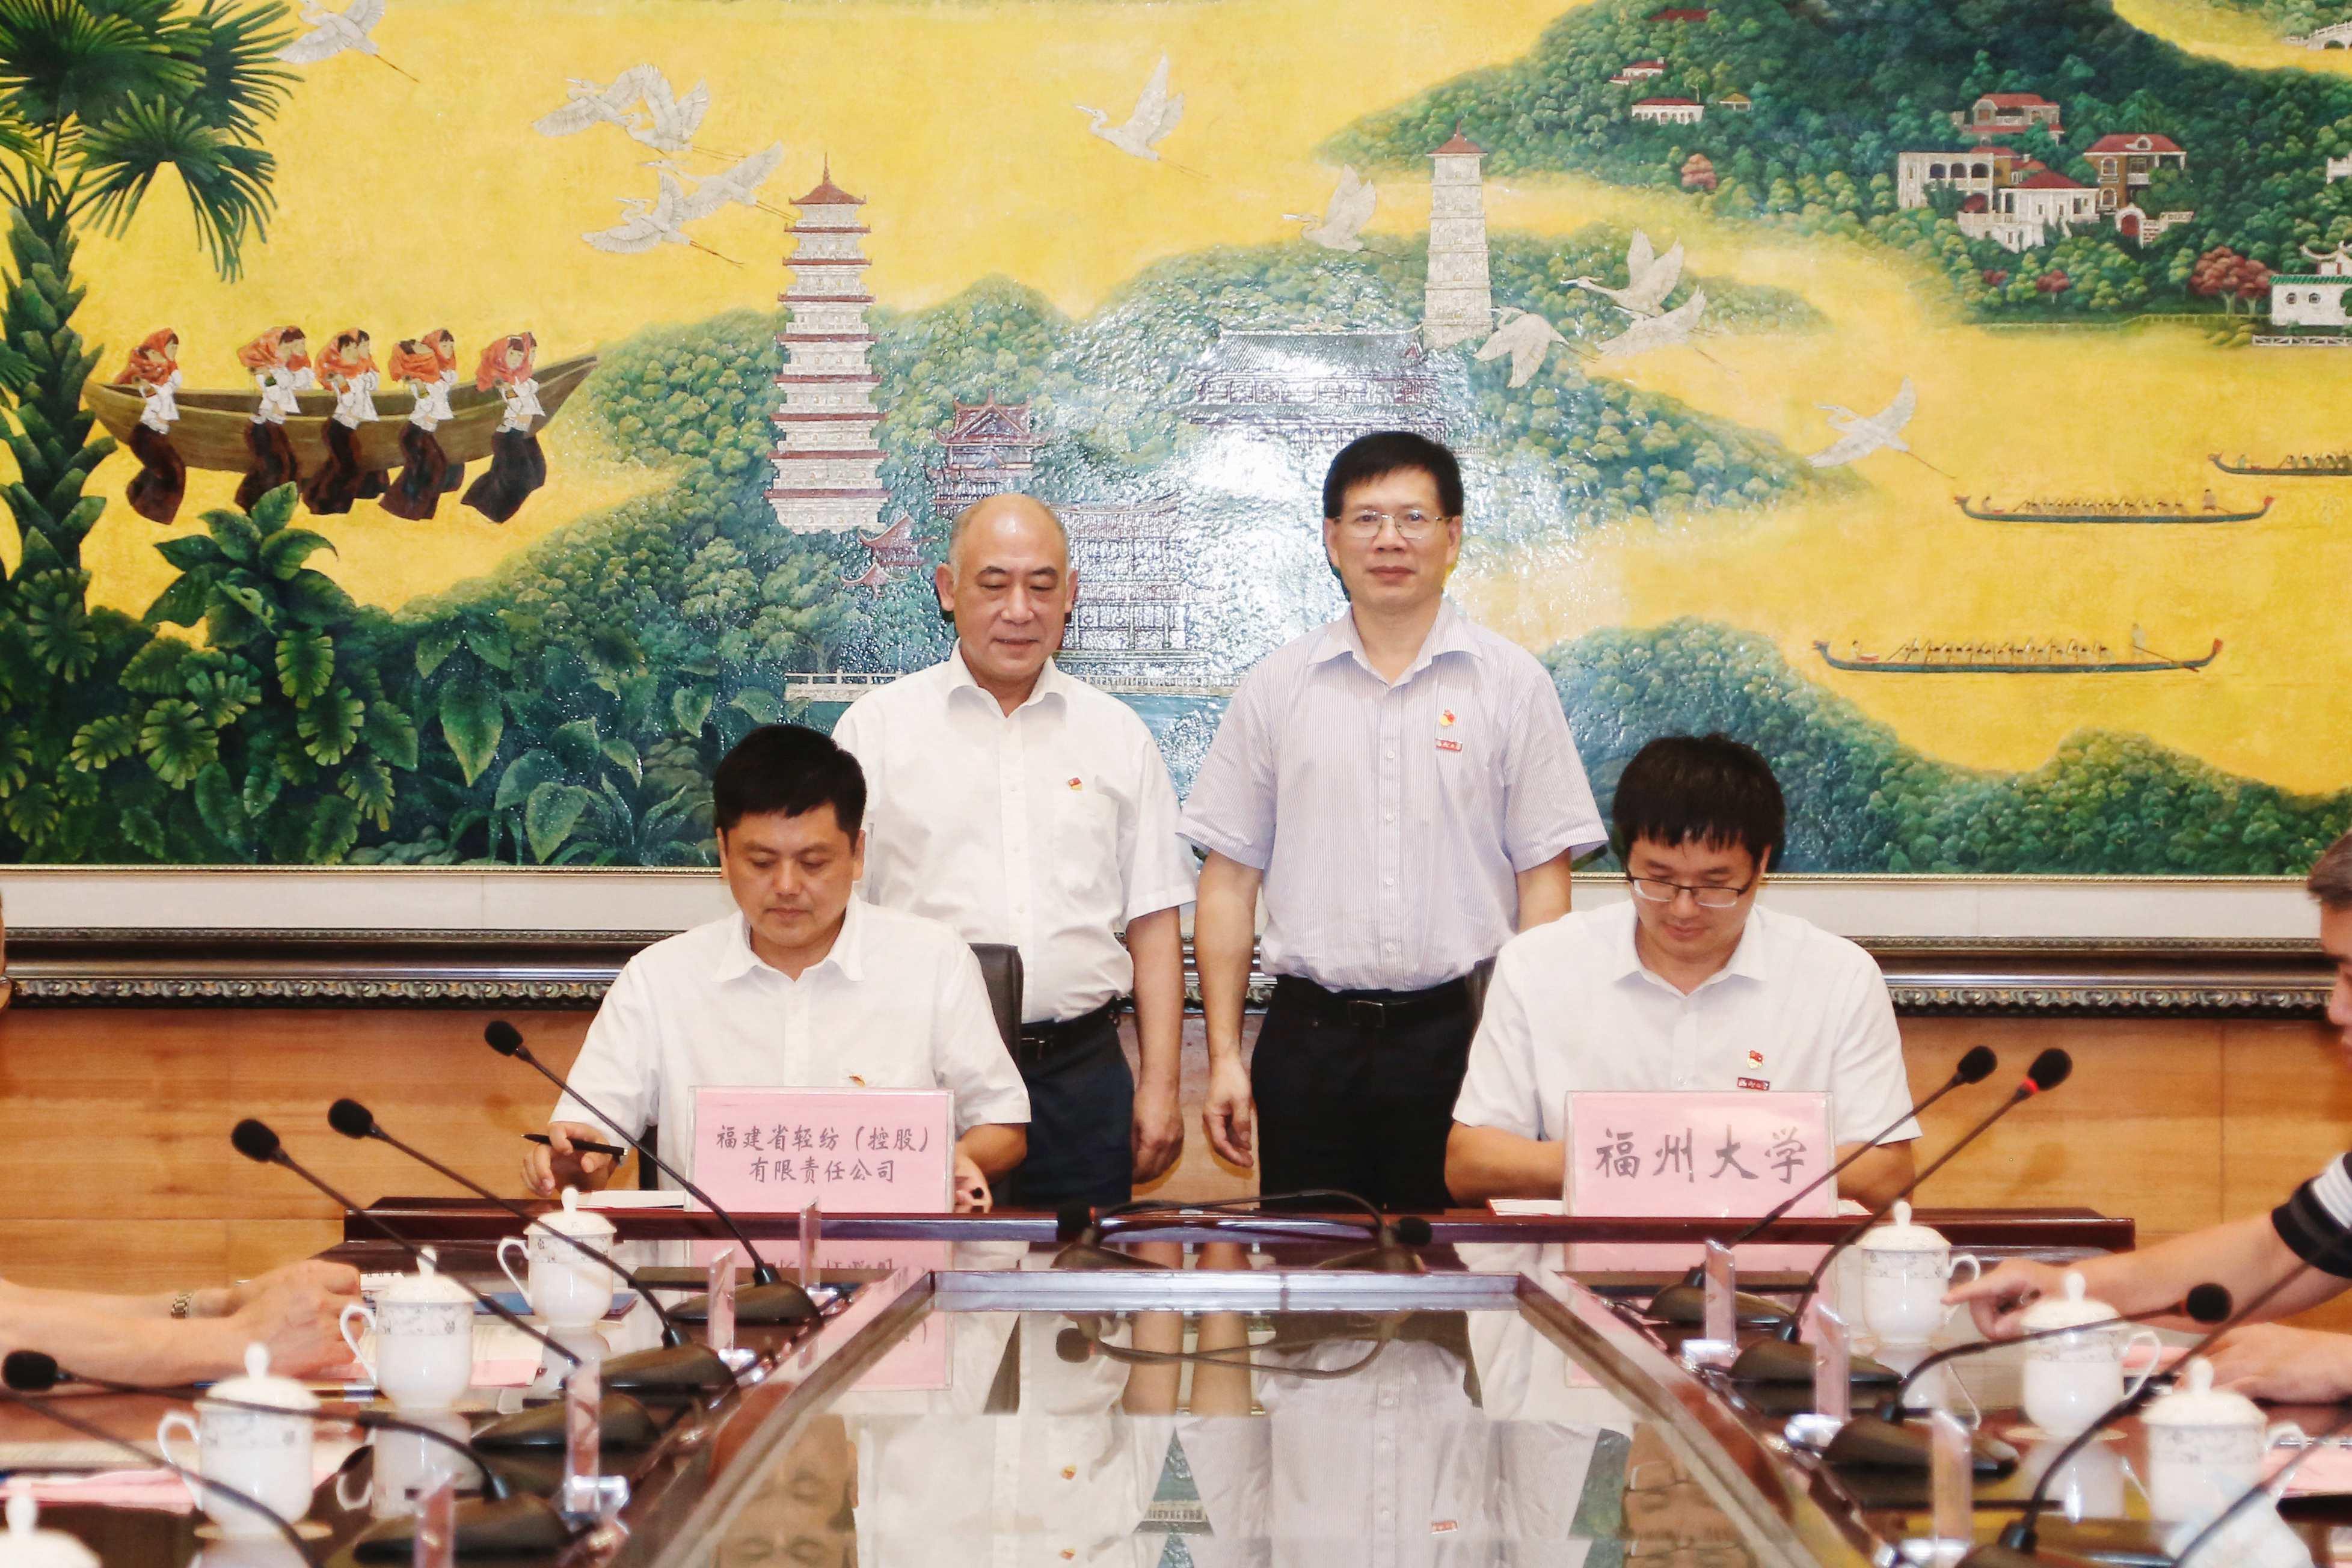 福州大学与福建省轻纺(控股)有限责任公司签订产学研合作框架协议